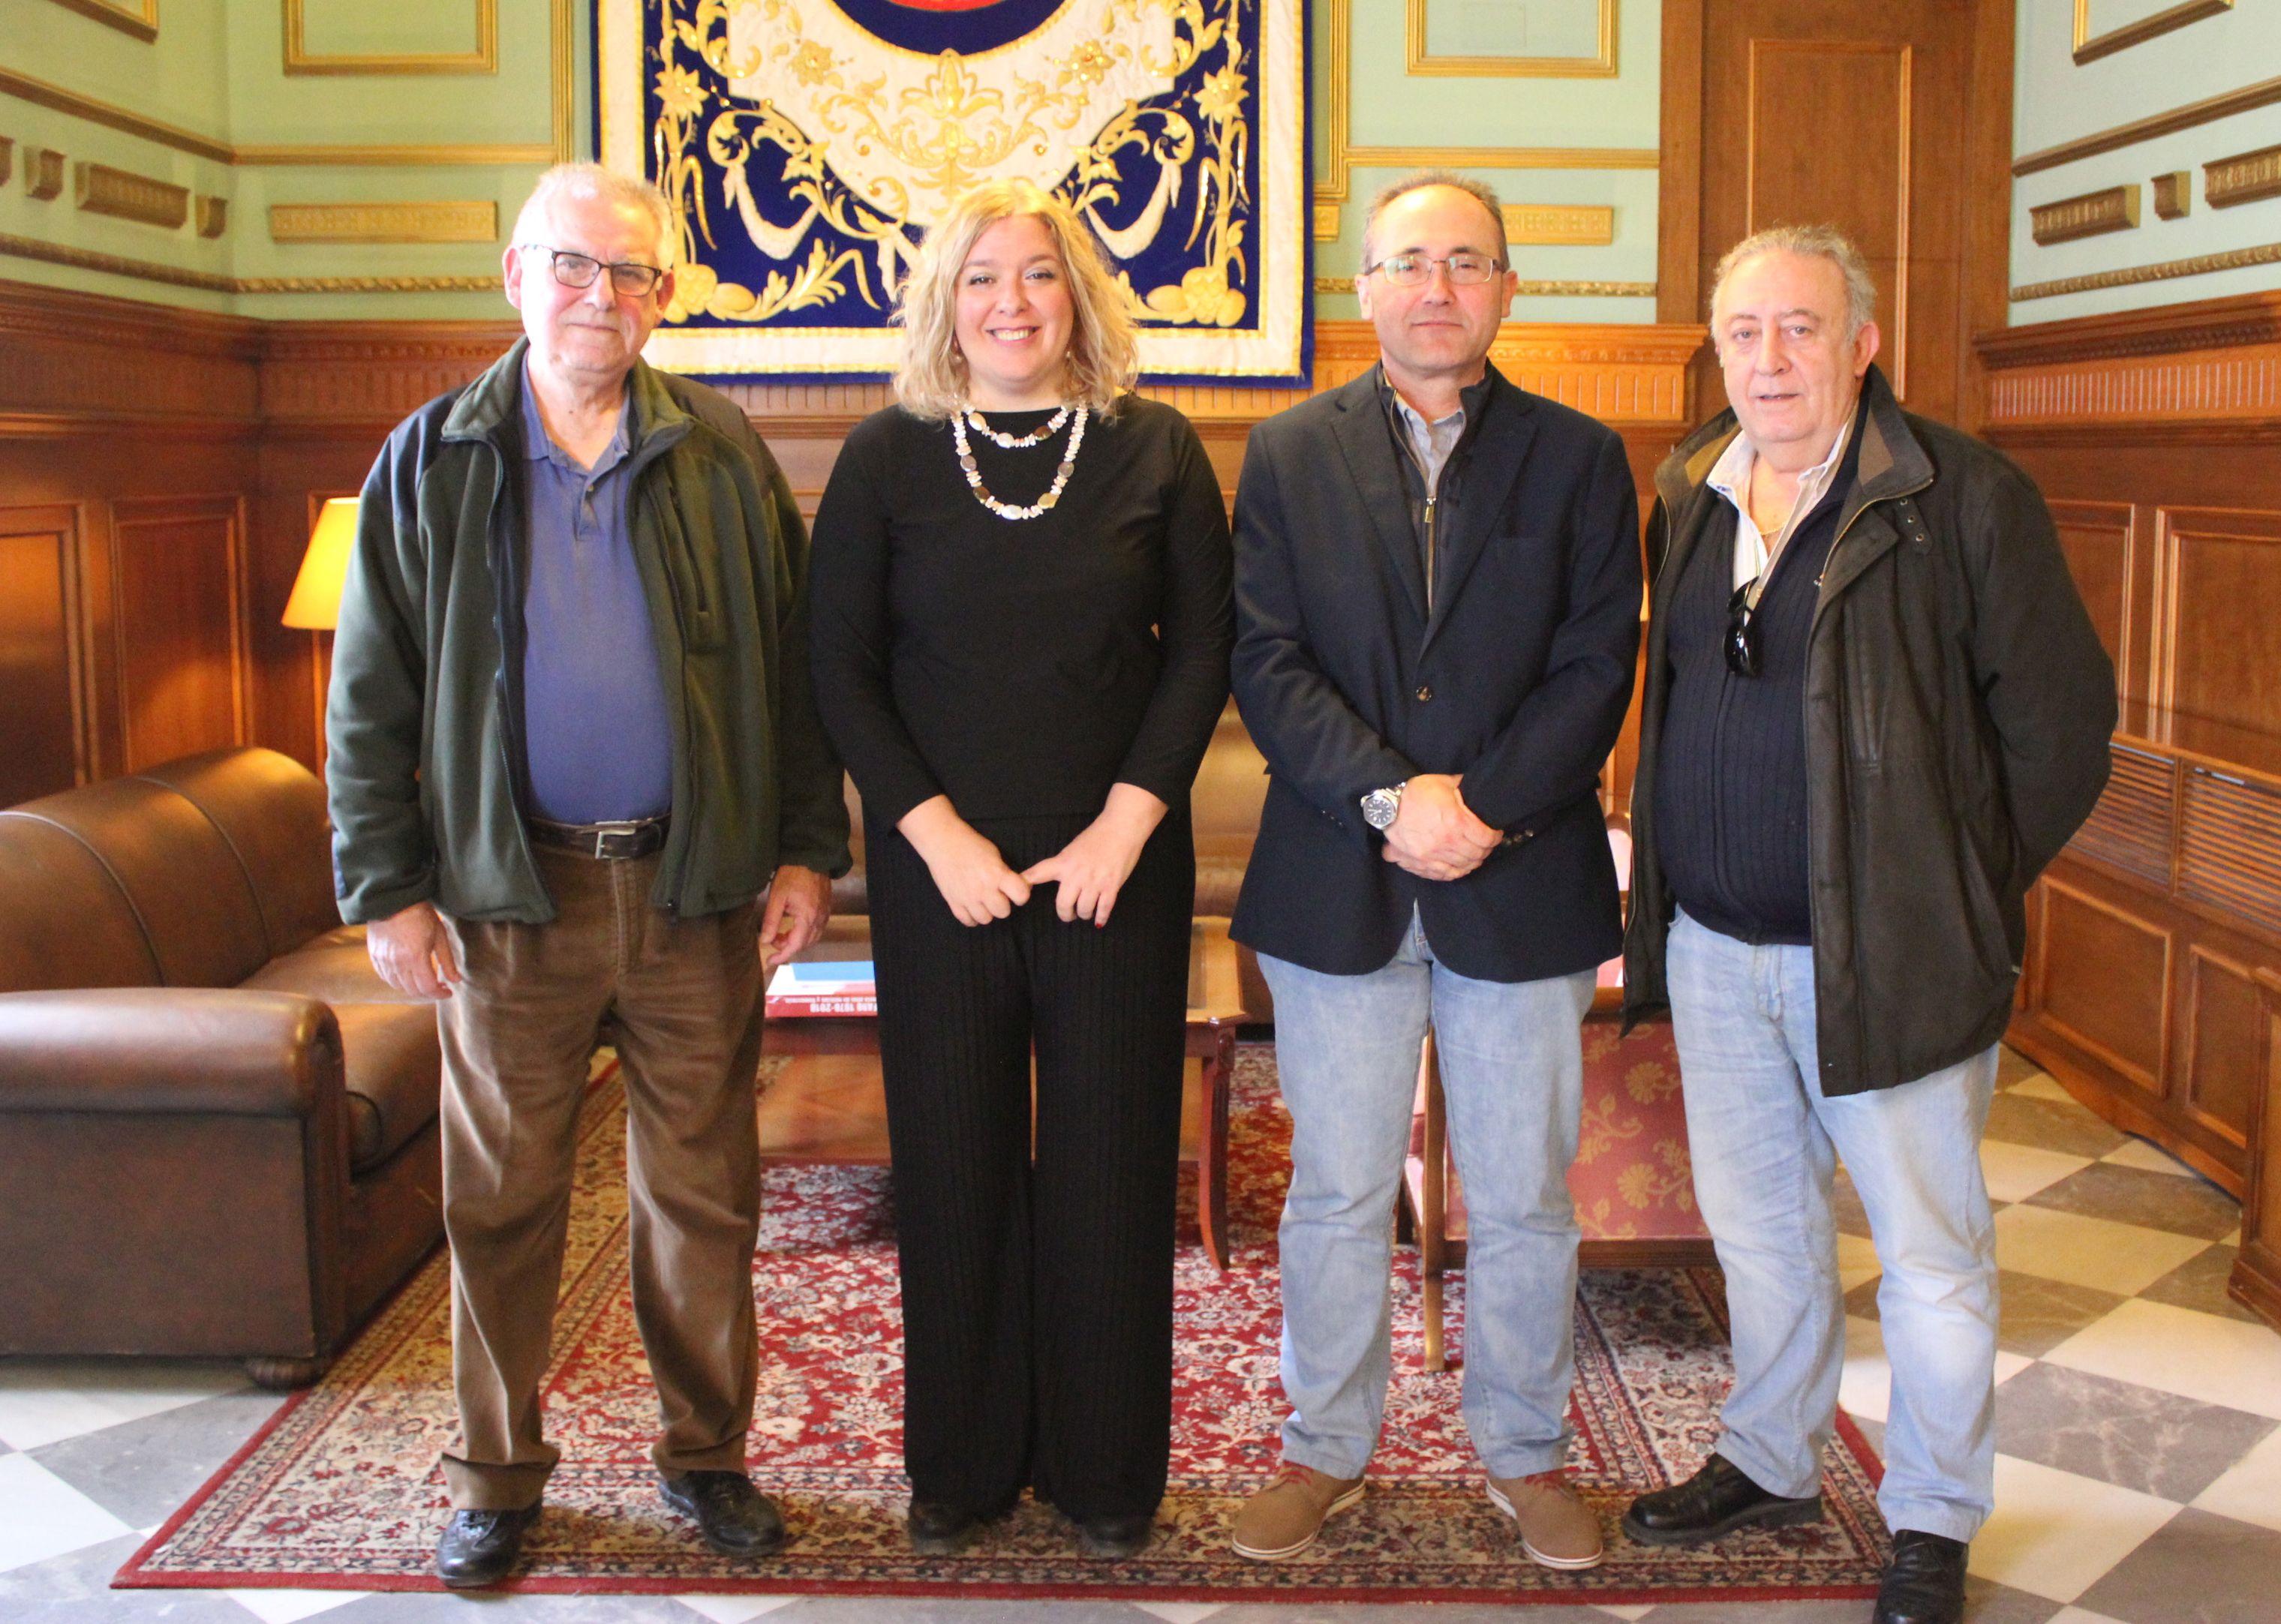 La alcaldesa junto a representantes de la Comunidad de Regantes del Bajo Guadalfeo